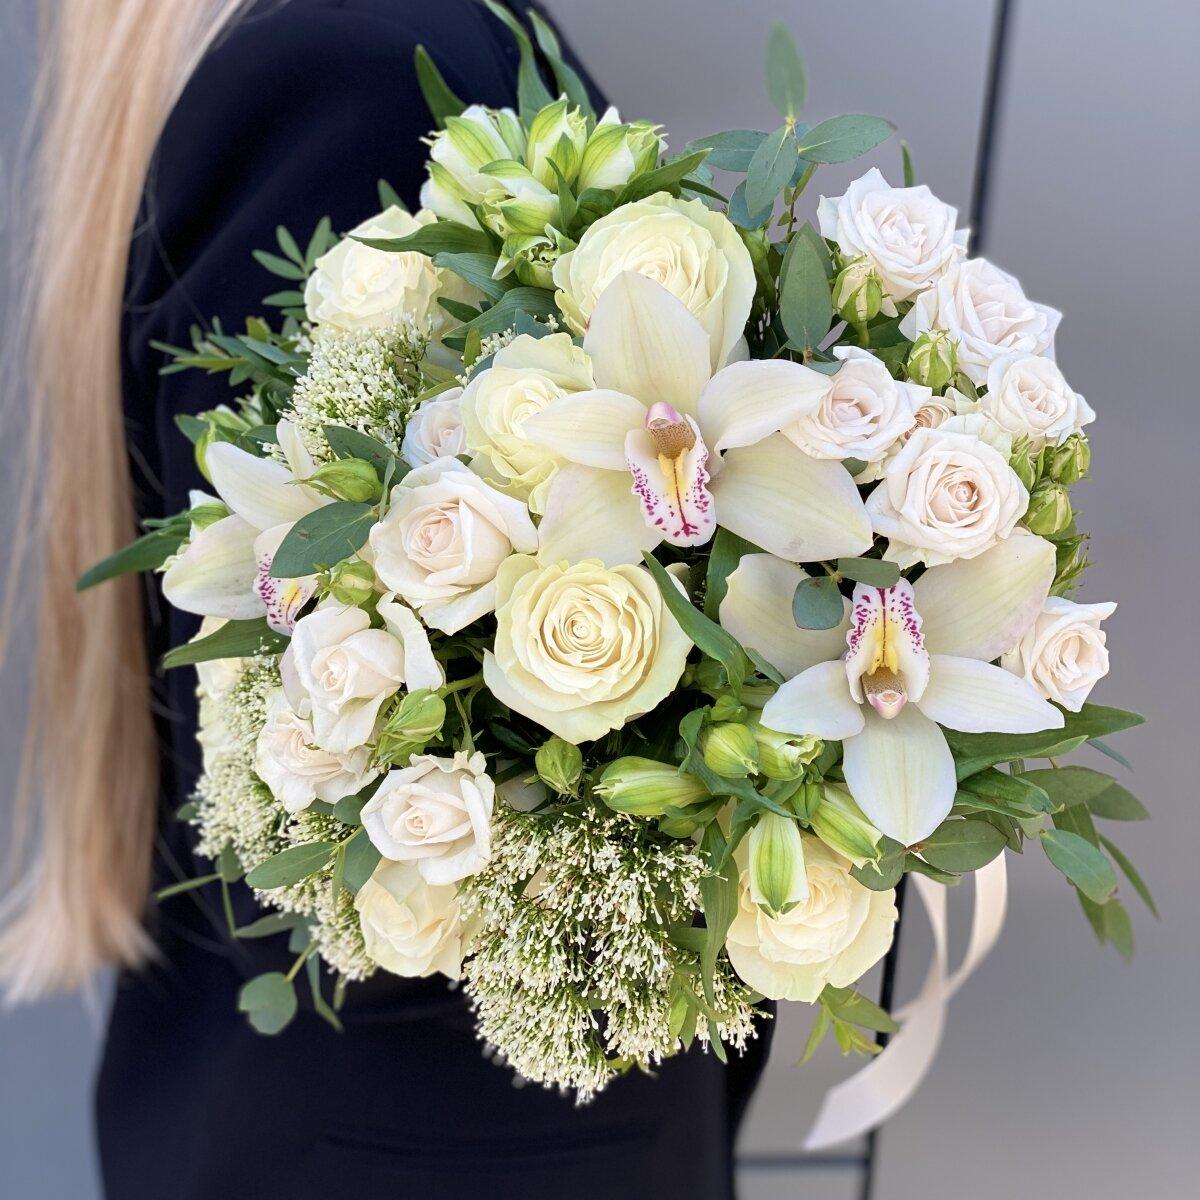 Букет из кустовых роз, альстромерии и цимбидиума Адель